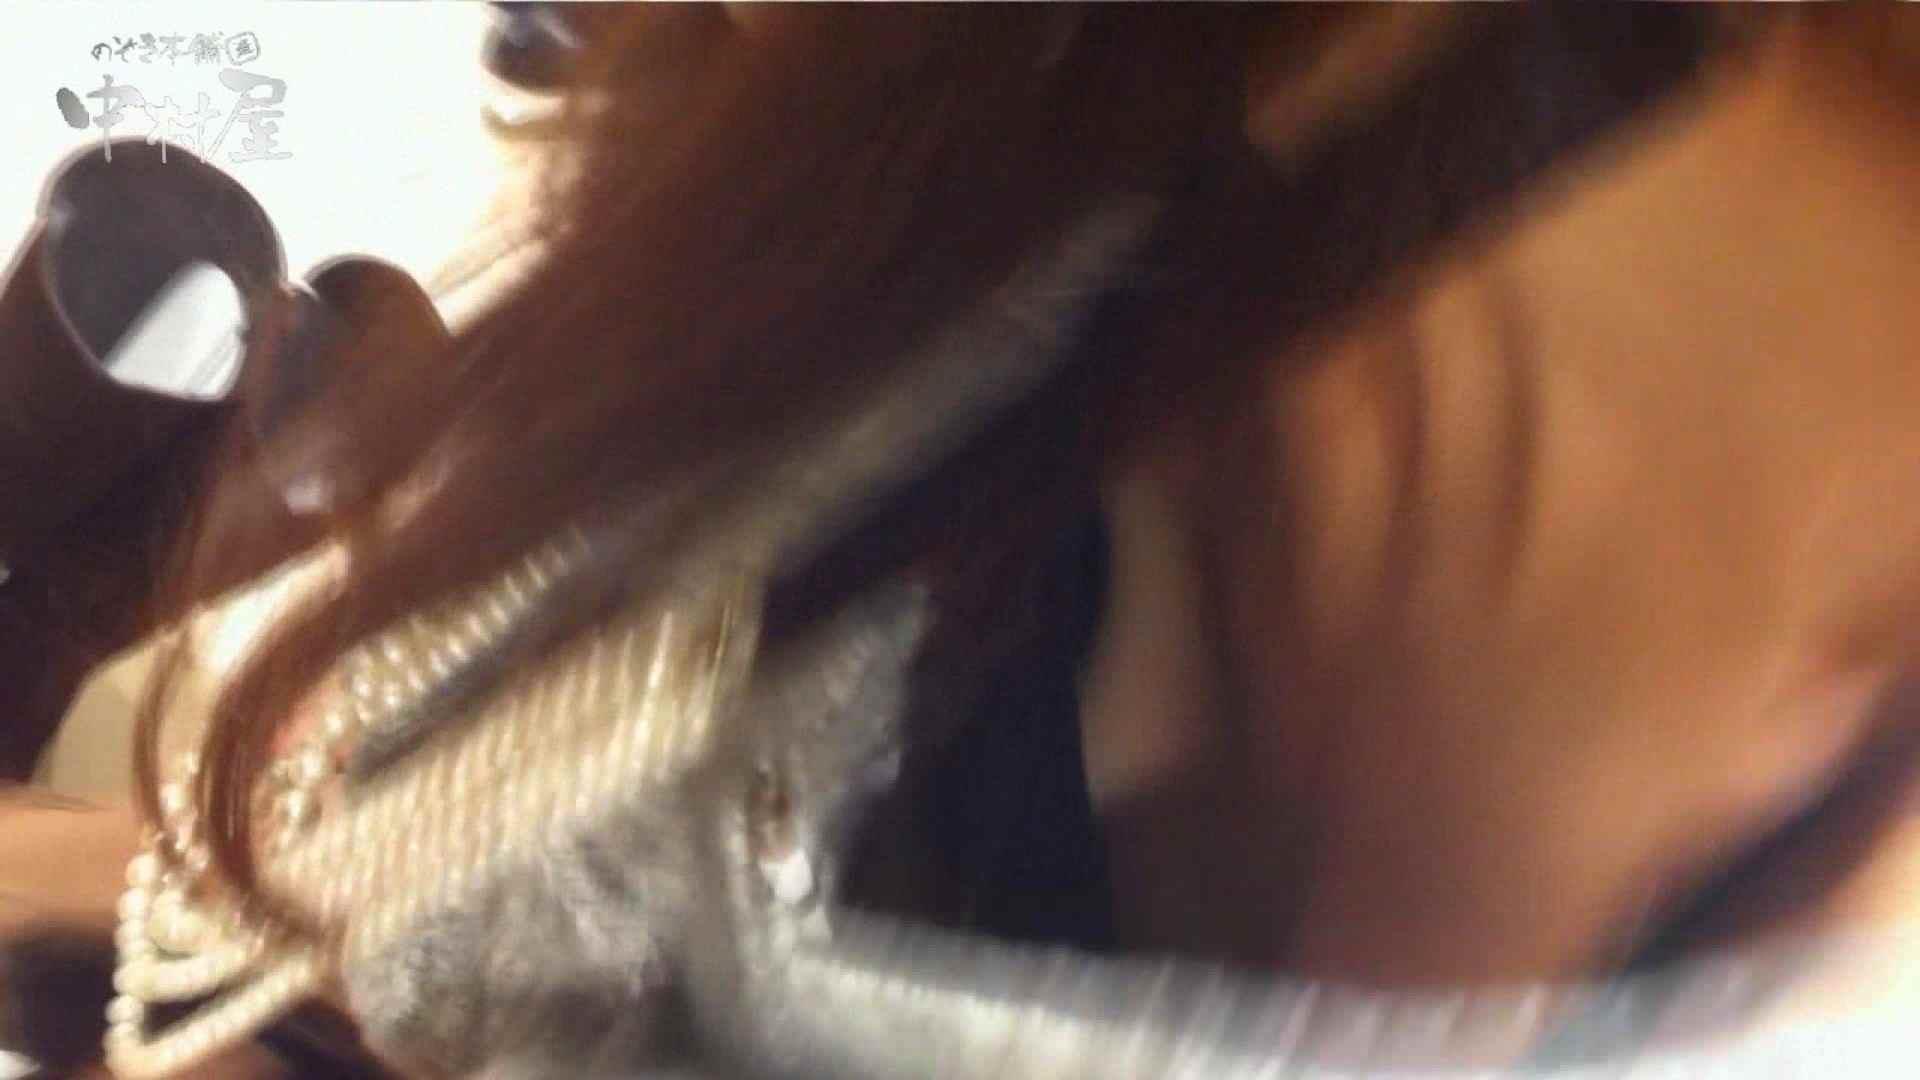 vol.74 美人アパレル胸チラ&パンチラ ブカブカセーターあざっす! OLセックス 覗きぱこり動画紹介 82画像 27